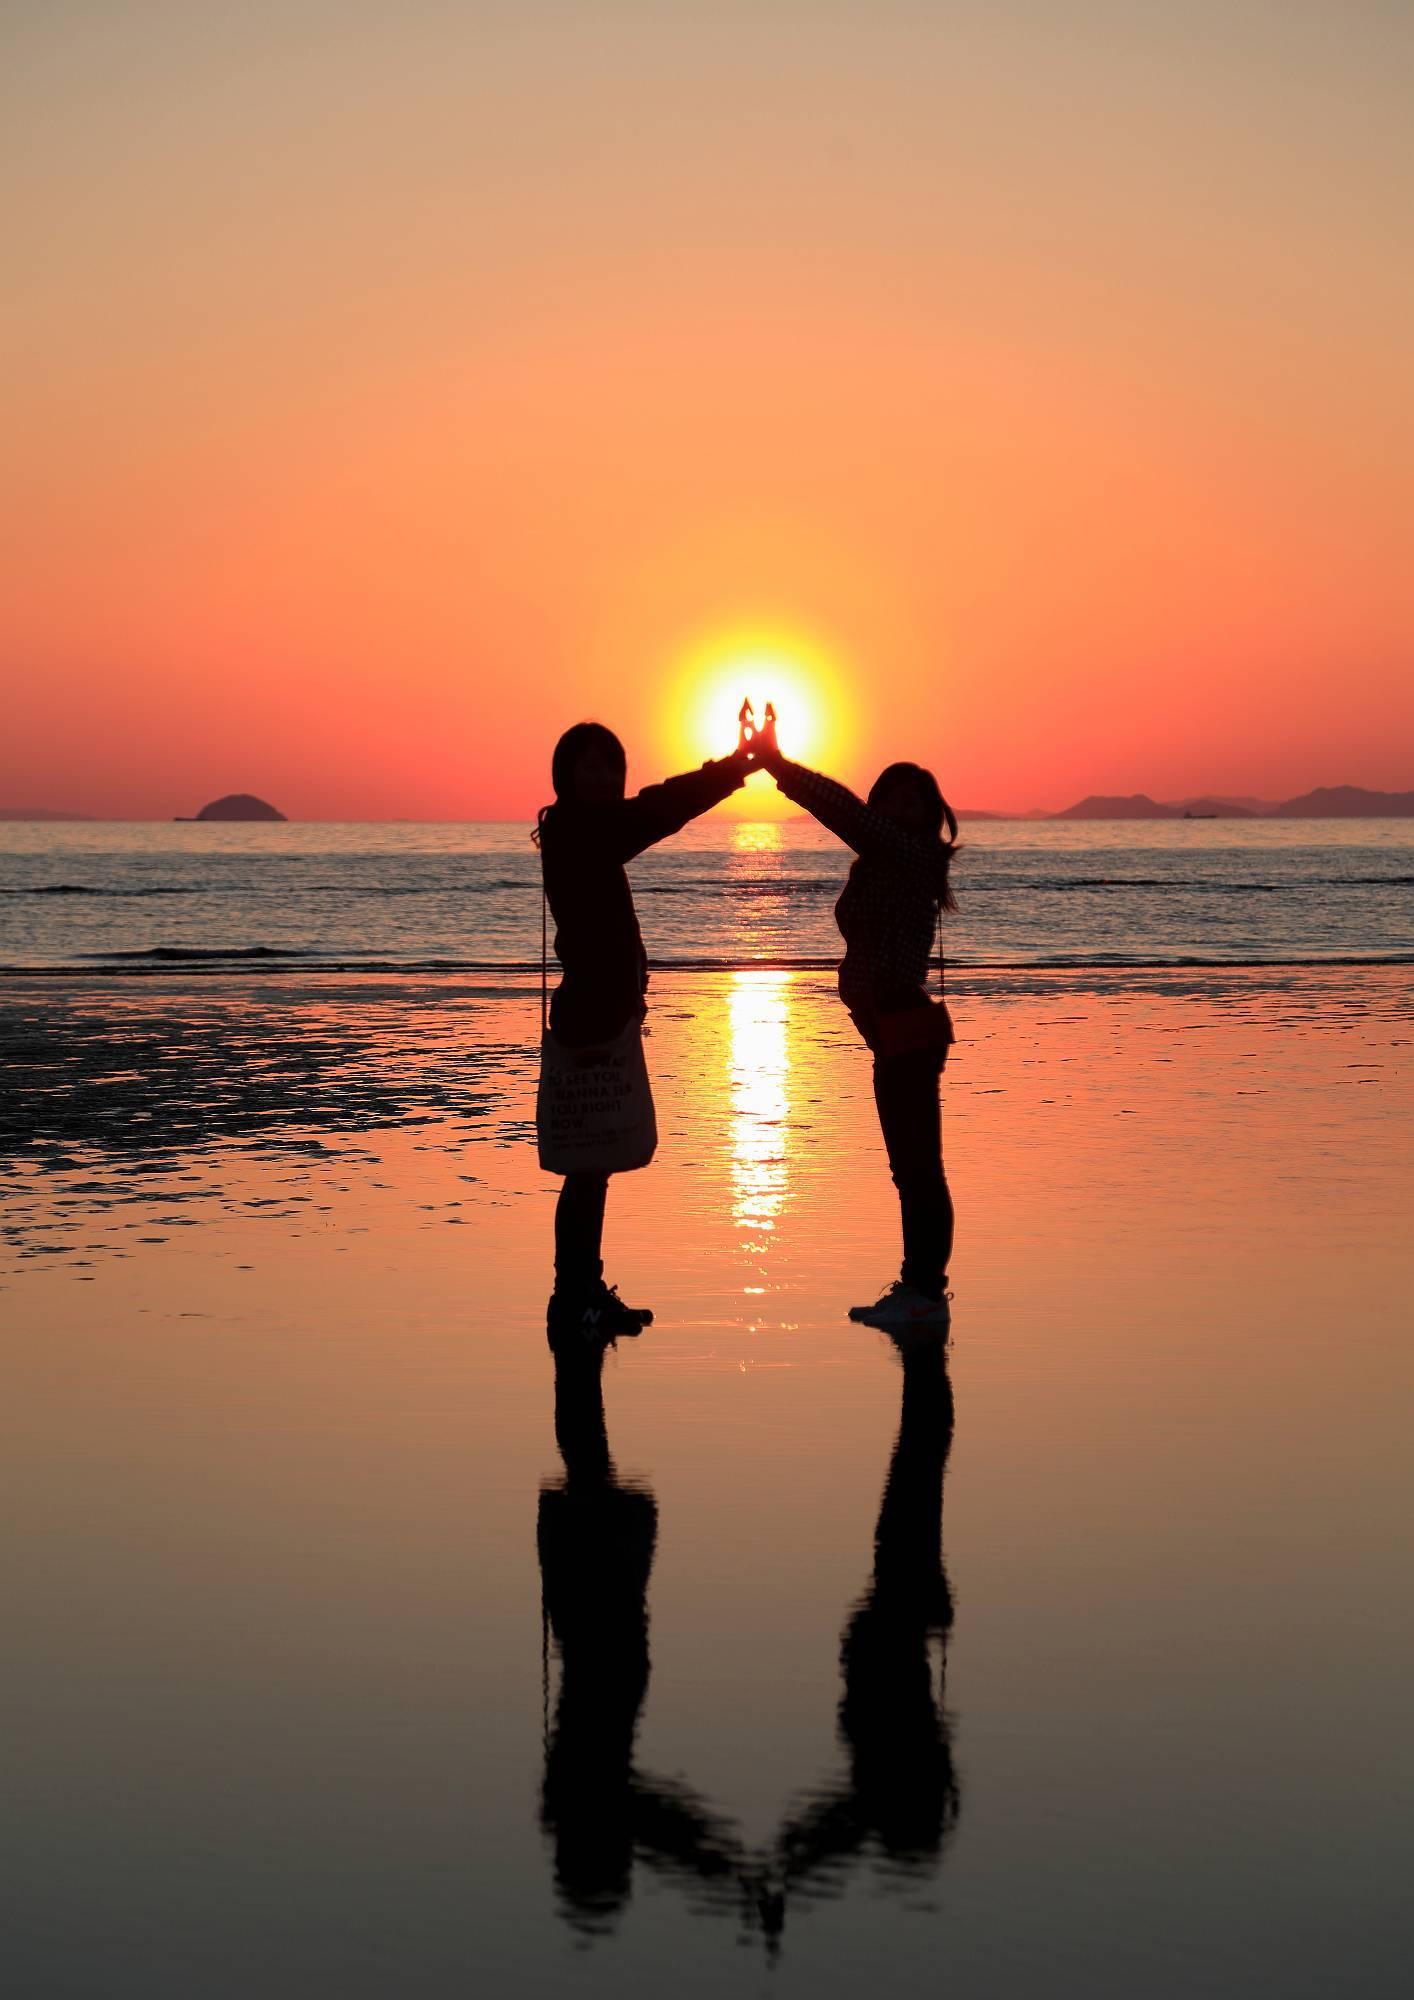 まるでウュニ塩湖と話題!「父母ヶ浜」の絶景 ~瀬戸内海の天空の鏡~ そのⅣ_a0140608_06512806.jpg